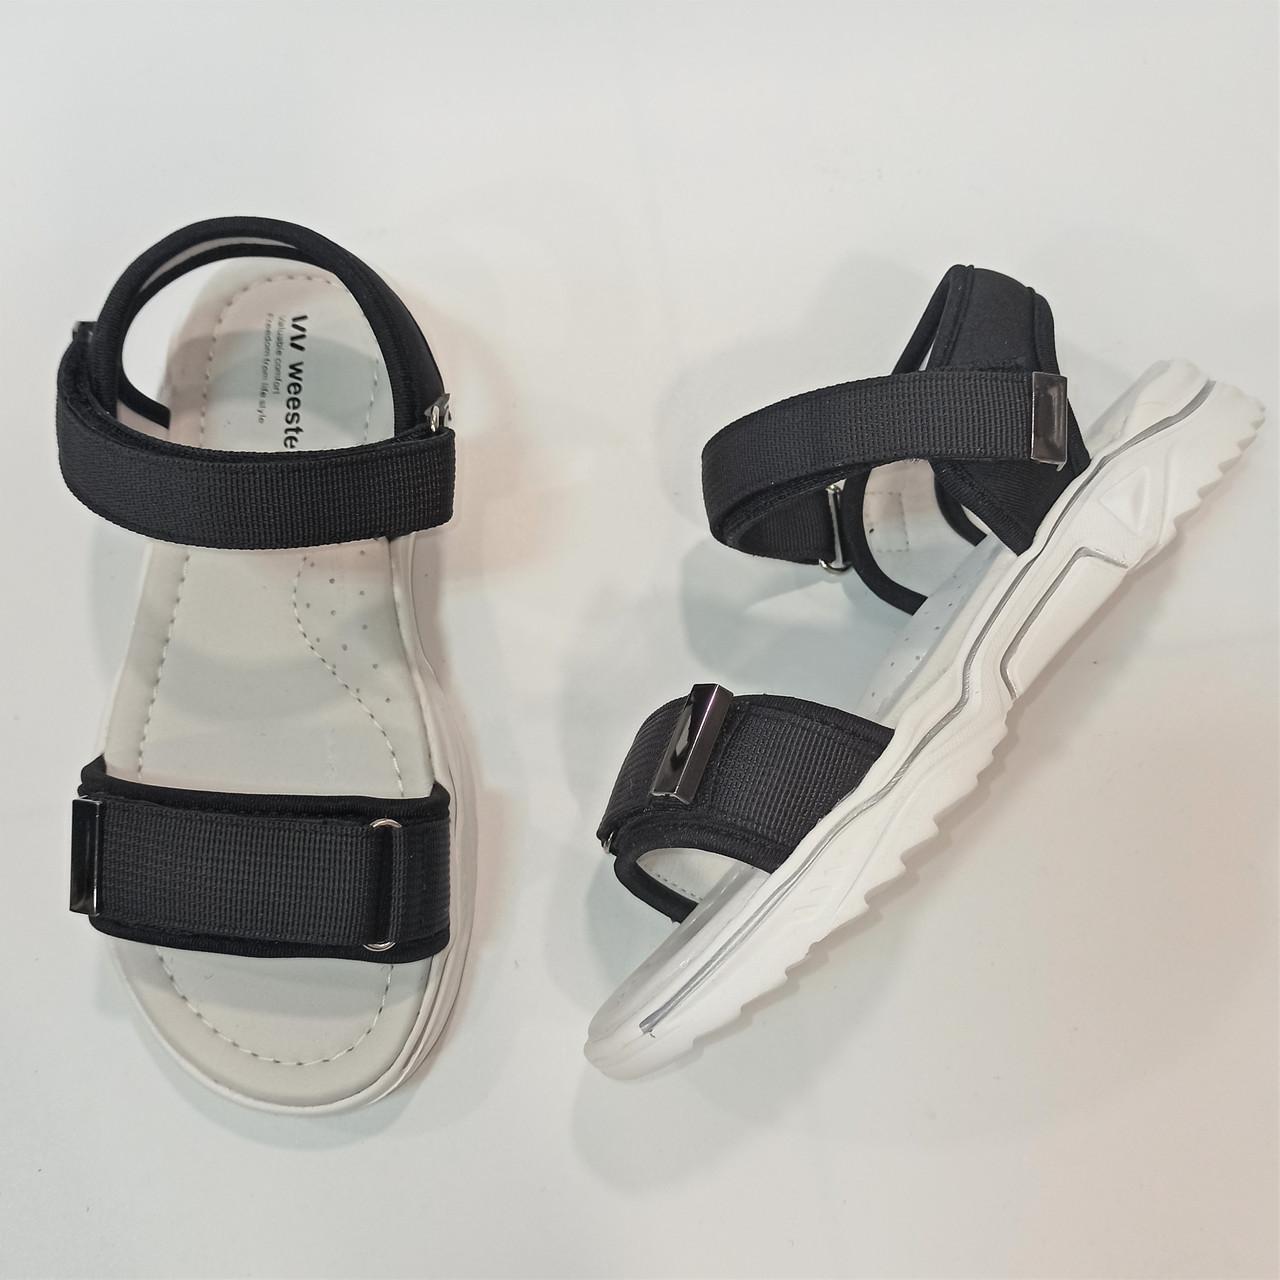 Спортивные черные босножки, Weеstep размер 36 37